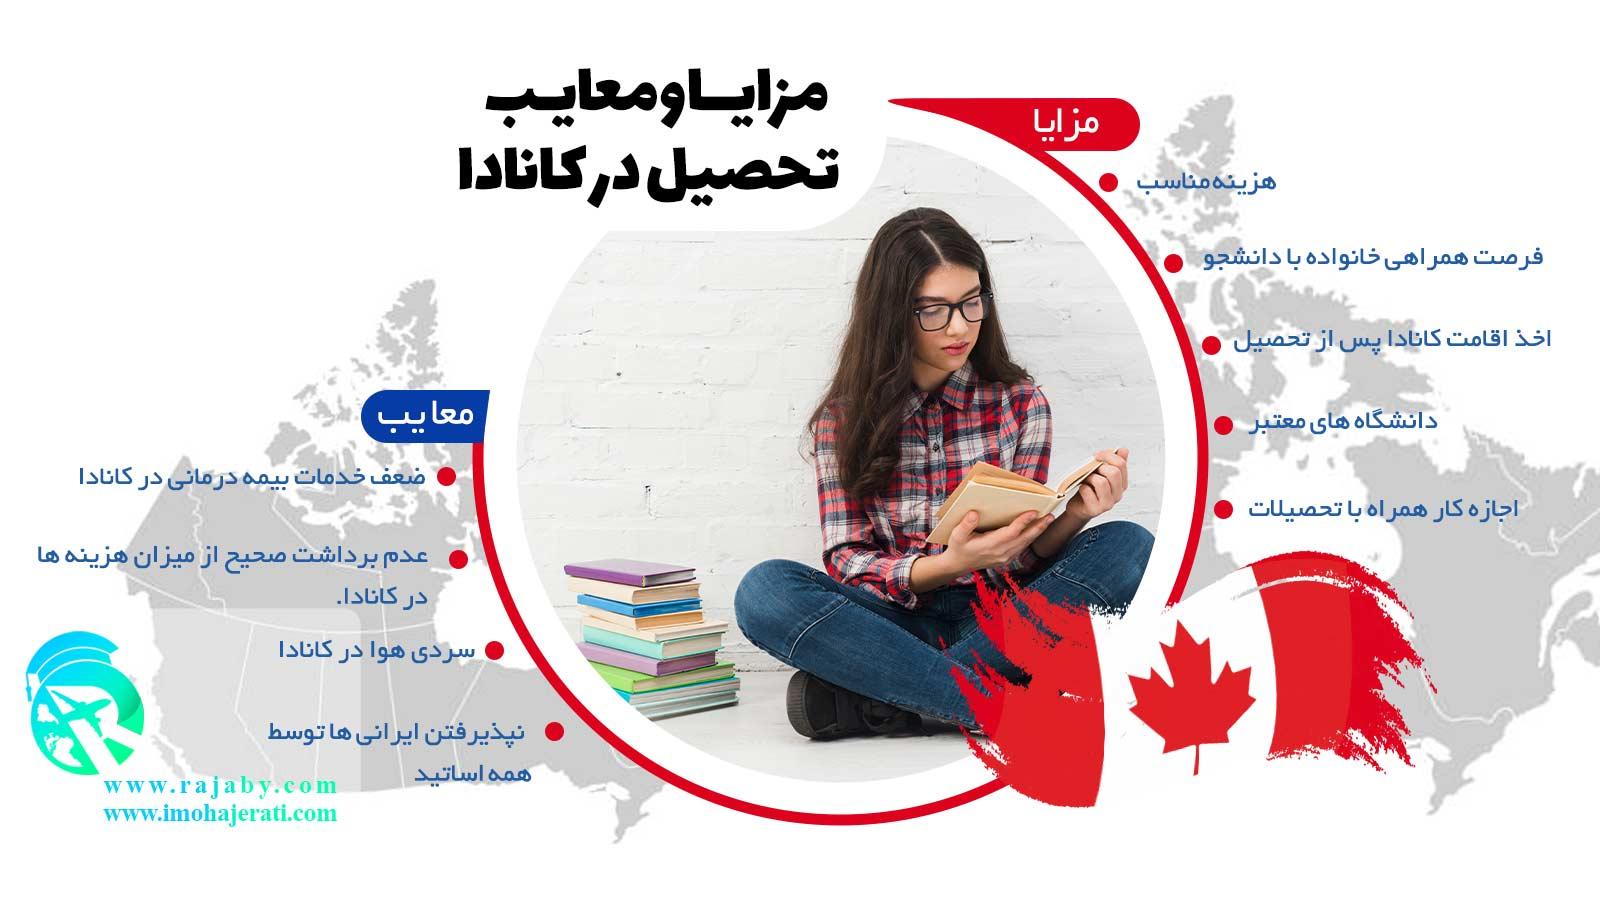 مزایا و معایب تحصیل در کانادا